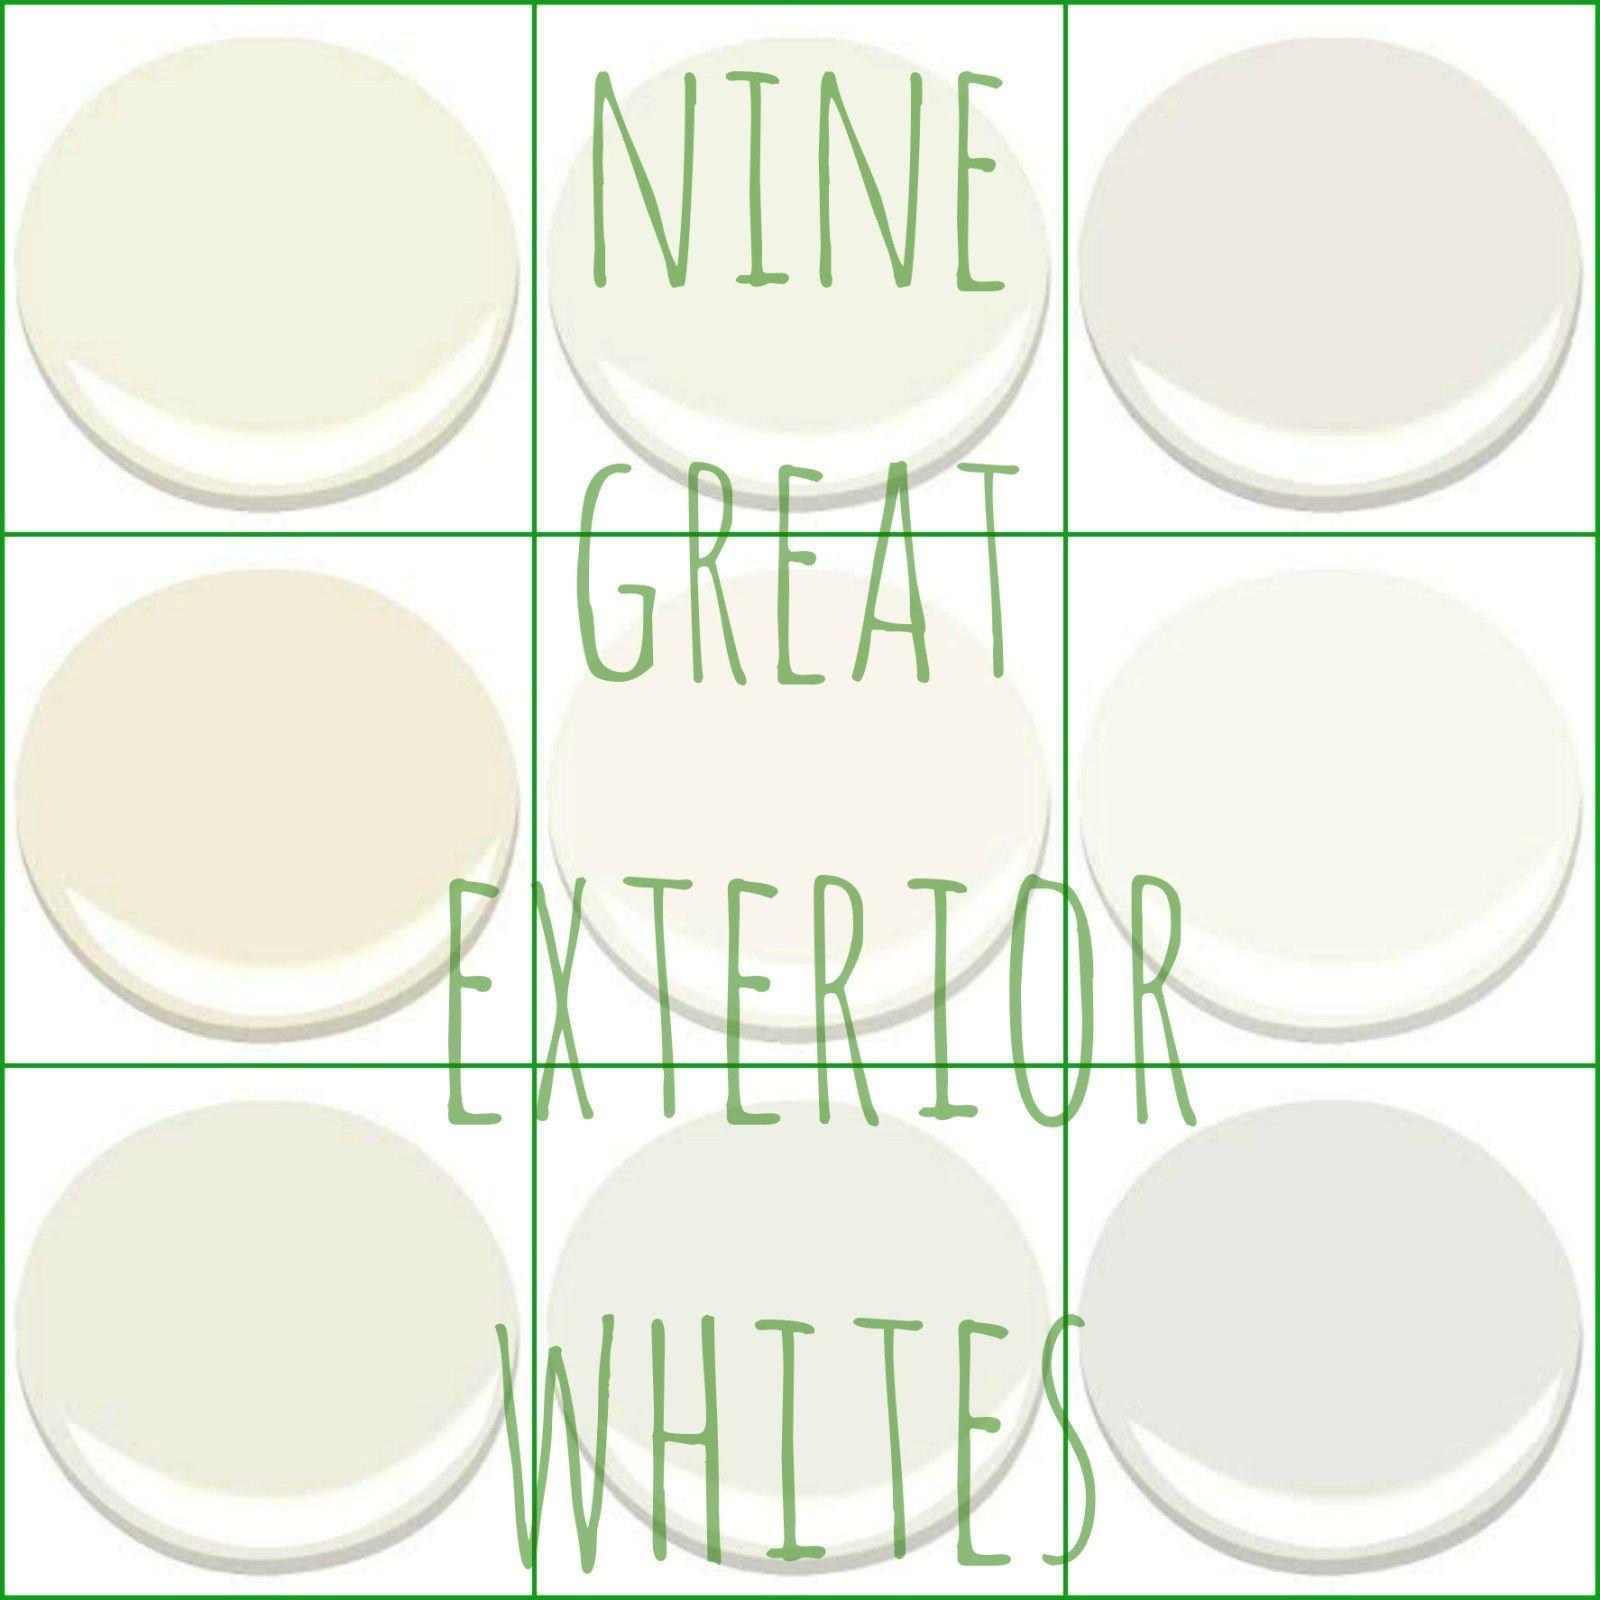 FARM HOUSE WHITE – GREAT EXTERIOR WHITES #swisscoffeebenjaminmoore NONE GREAT BENJAMIN MOORE EXTERIOR WHITES - ACADIA WHITE, CLOUD WHITE, GLACIER WHITE, LINEN WHITE, MOUNTAIN PEAK WHITE, SIMPLY WHITE, SWISS COFFEE, WHITE DOVE, AND WHITE WISP #swisscoffeebenjaminmoore FARM HOUSE WHITE – GREAT EXTERIOR WHITES #swisscoffeebenjaminmoore NONE GREAT BENJAMIN MOORE EXTERIOR WHITES - ACADIA WHITE, CLOUD WHITE, GLACIER WHITE, LINEN WHITE, MOUNTAIN PEAK WHITE, SIMPLY WHITE, SWISS COFFEE, WHITE DOVE, A #swisscoffeebenjaminmoore